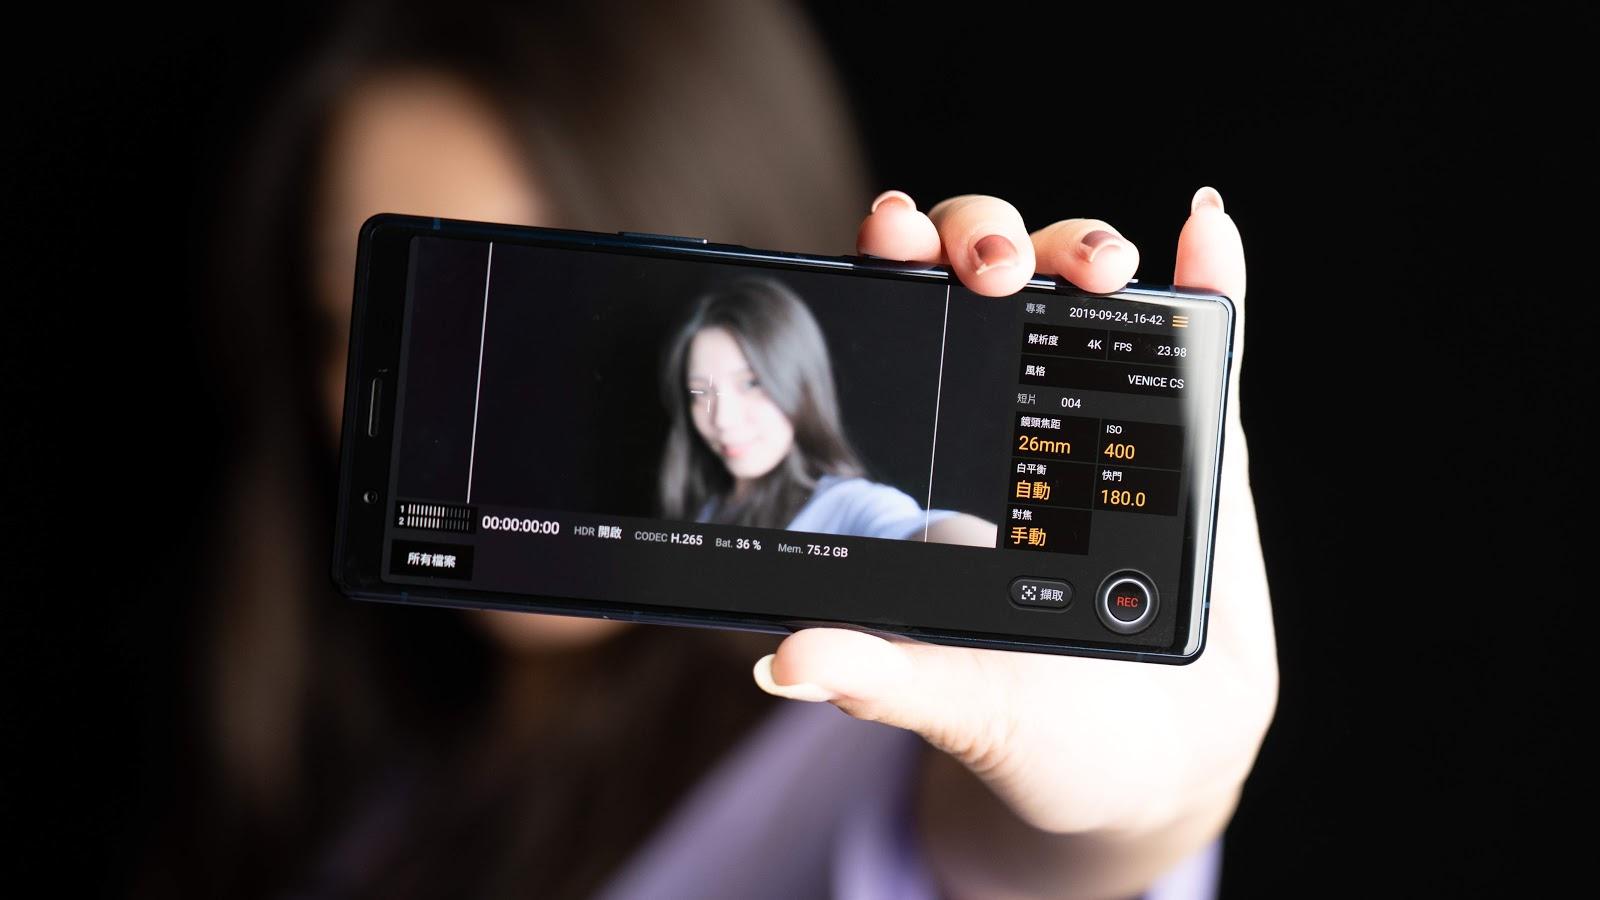 【首發開箱】索尼 Sony Xperia 5 —— 尺寸更小,但是拍照更專業。 科技狗